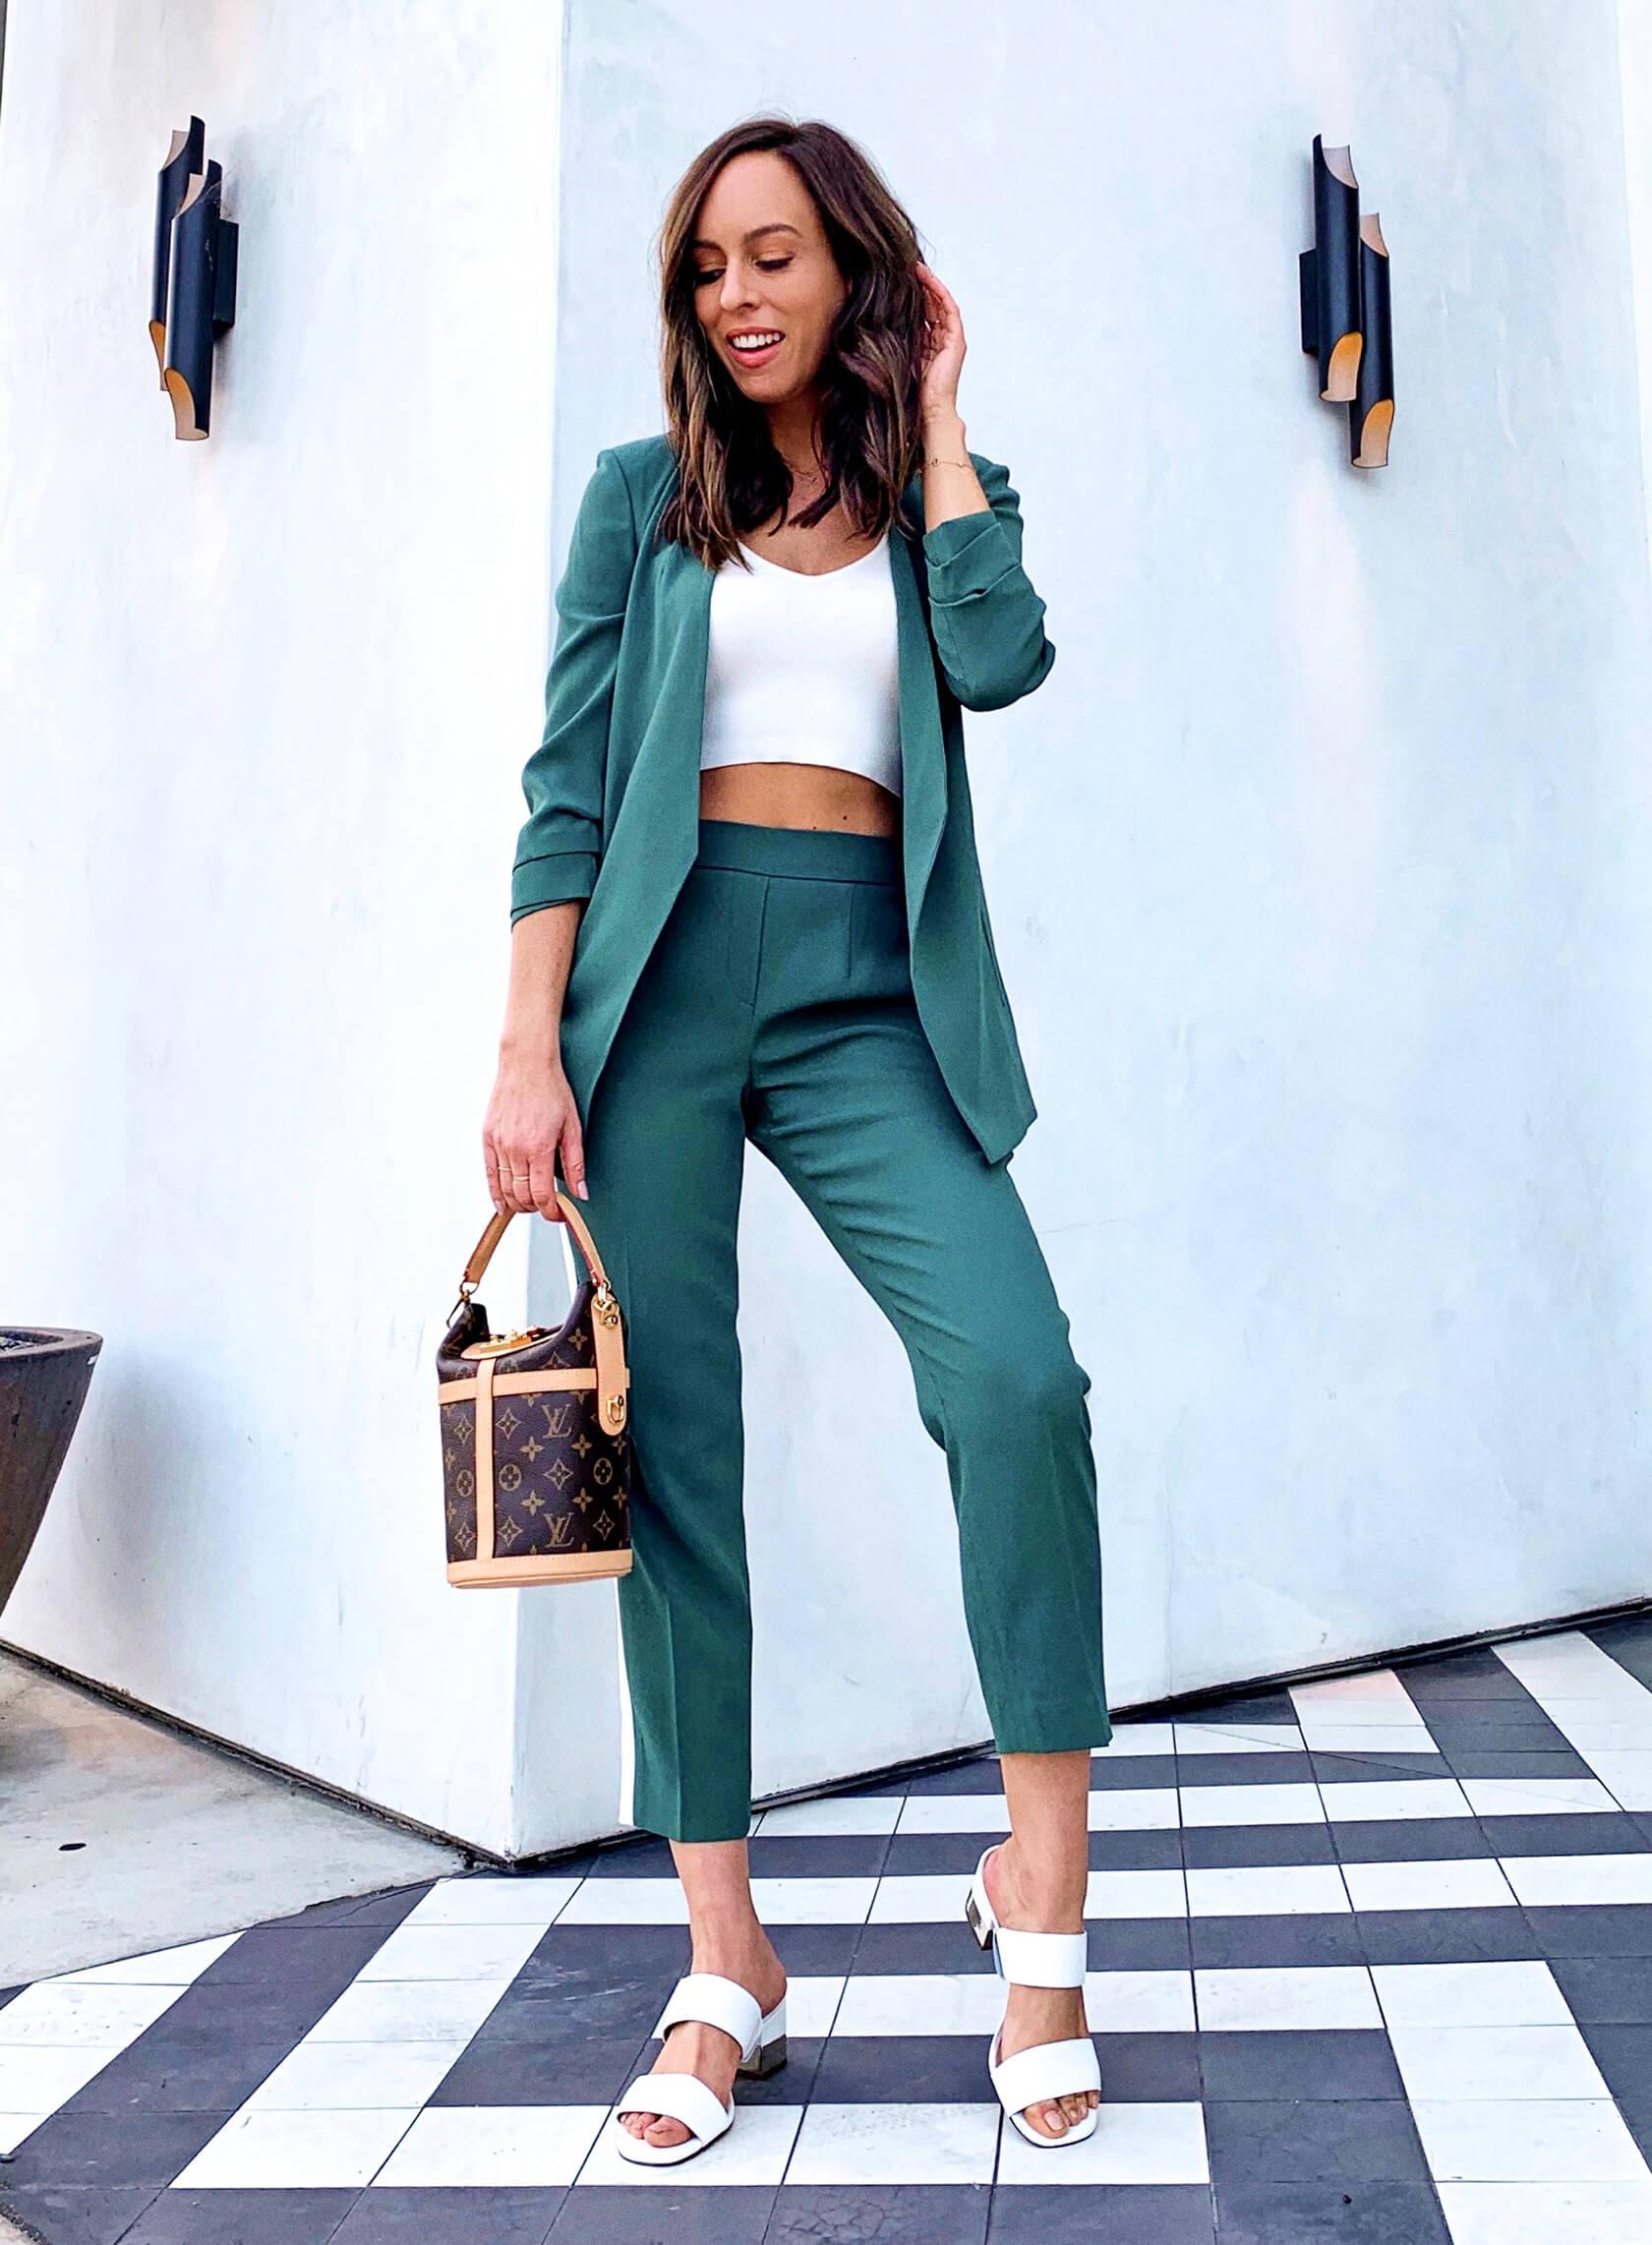 Embellir son look vestimentaire avec un tailleur pantalon